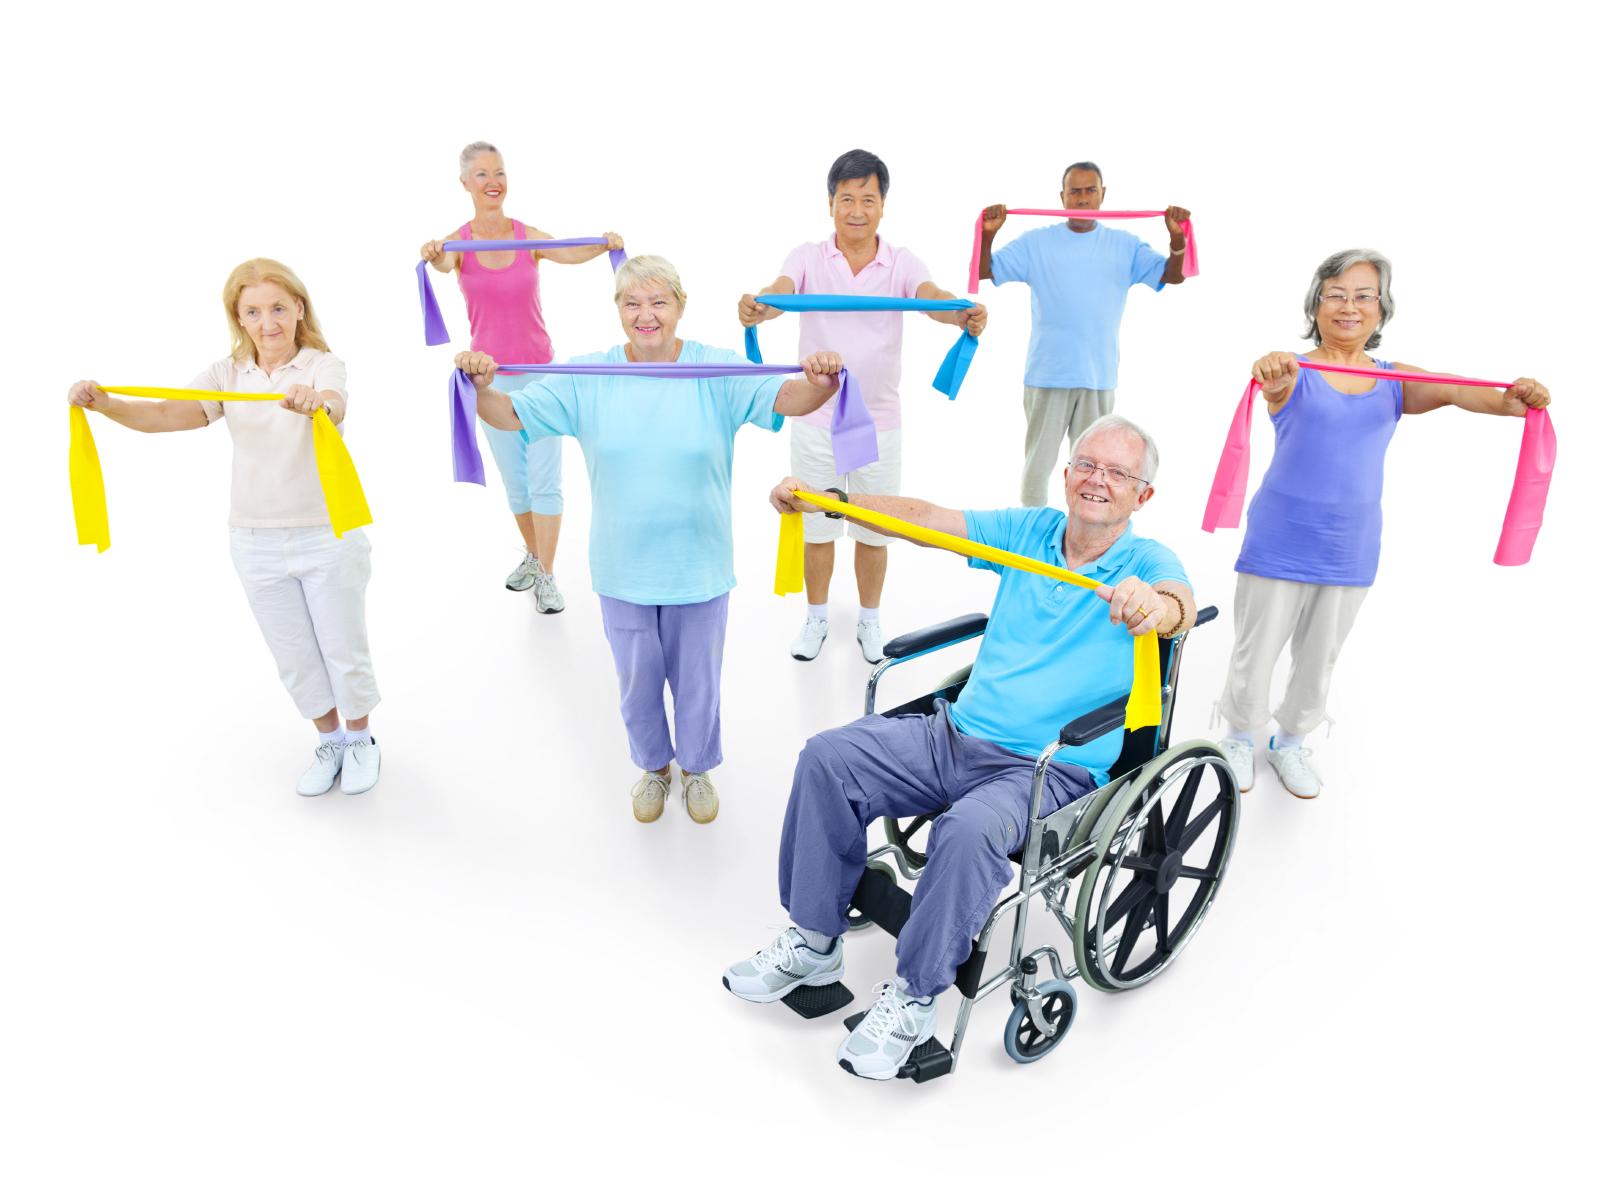 Tedenska skupinska telovadba pod vodstvom fizioterapevta